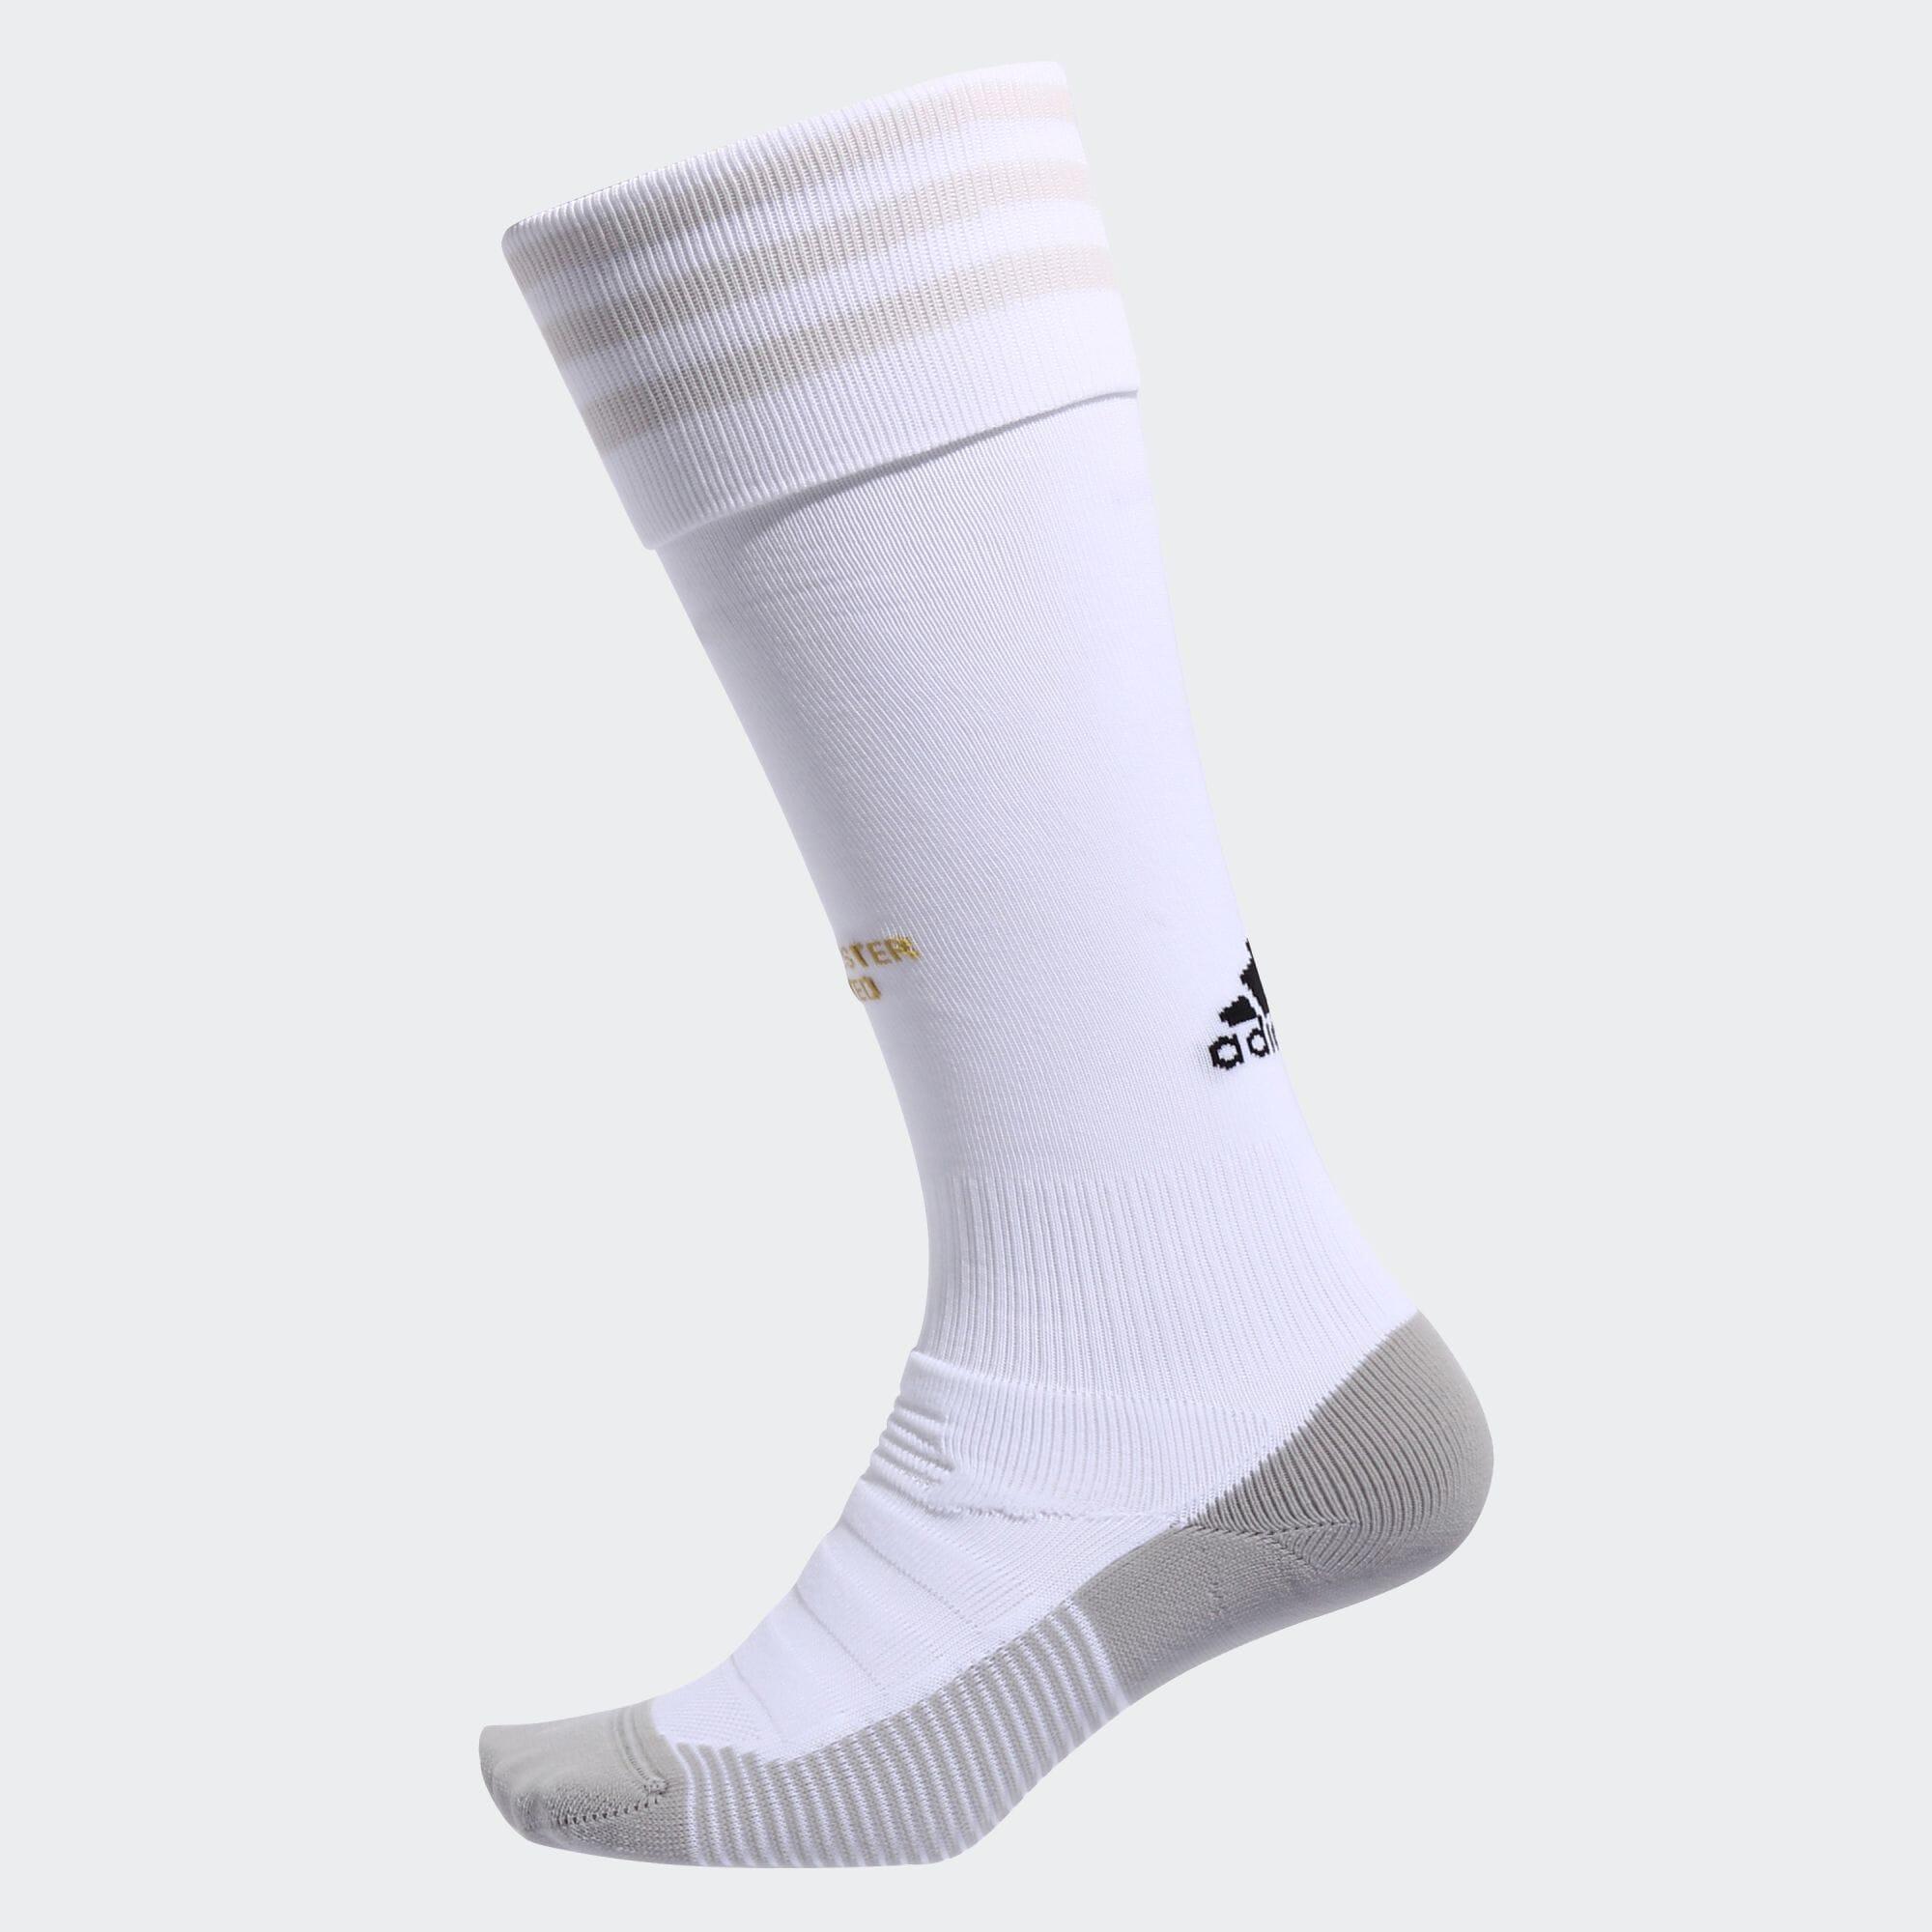 マンチェスター・ユナイテッド ホーム ソックス [Manchester United Home Socks]